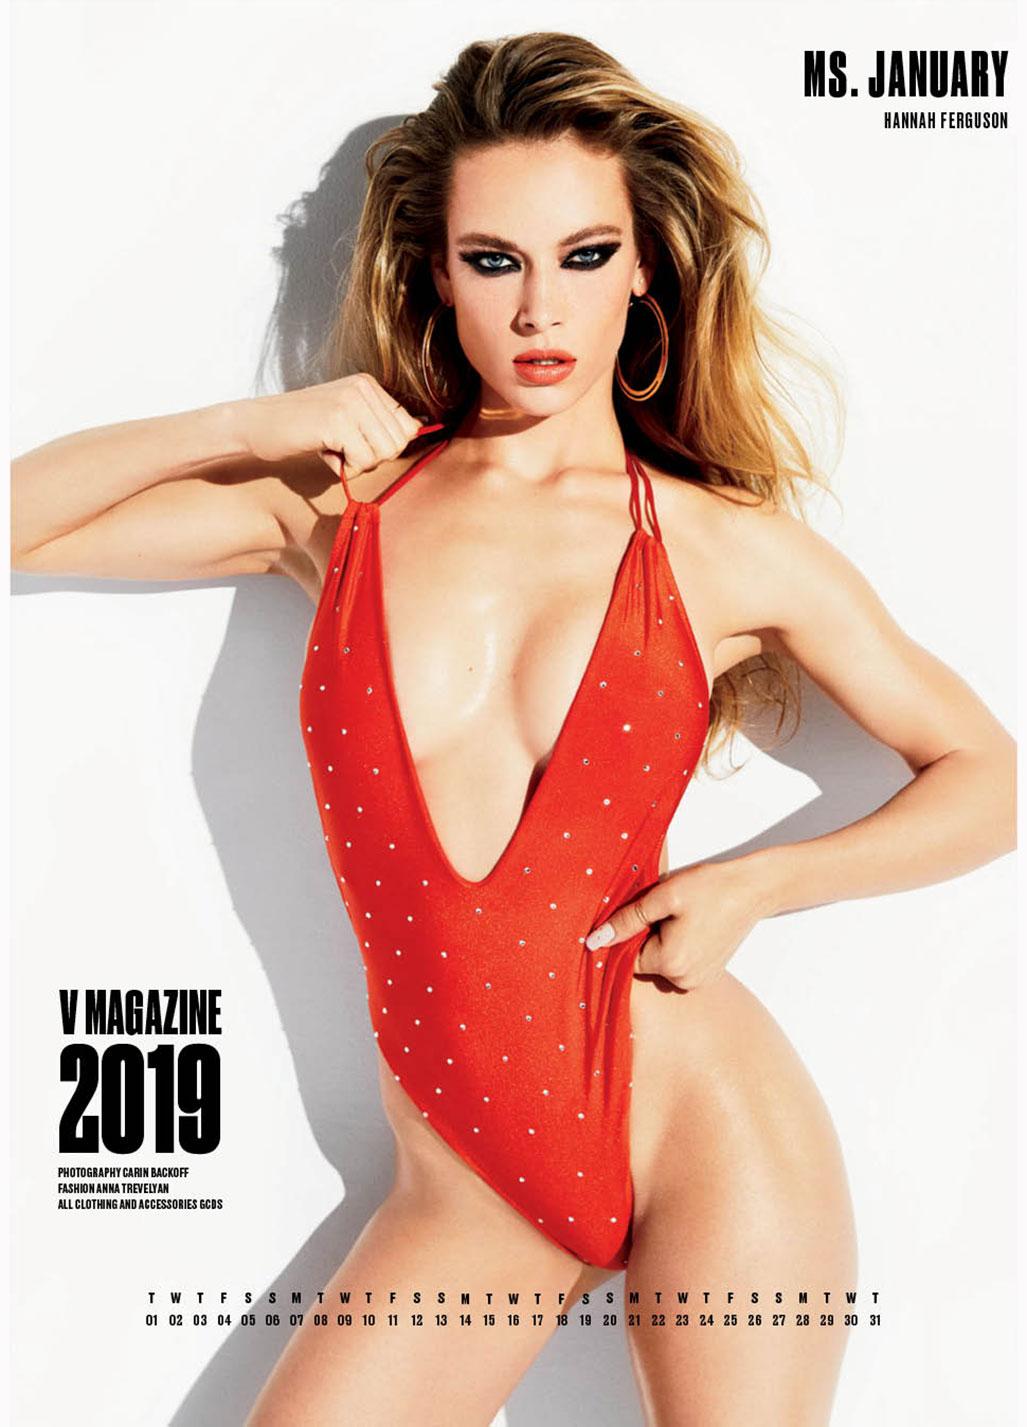 календарь с супермоделями на 2019 год - журнал V Magazine / мисс январь Hannah Ferguson